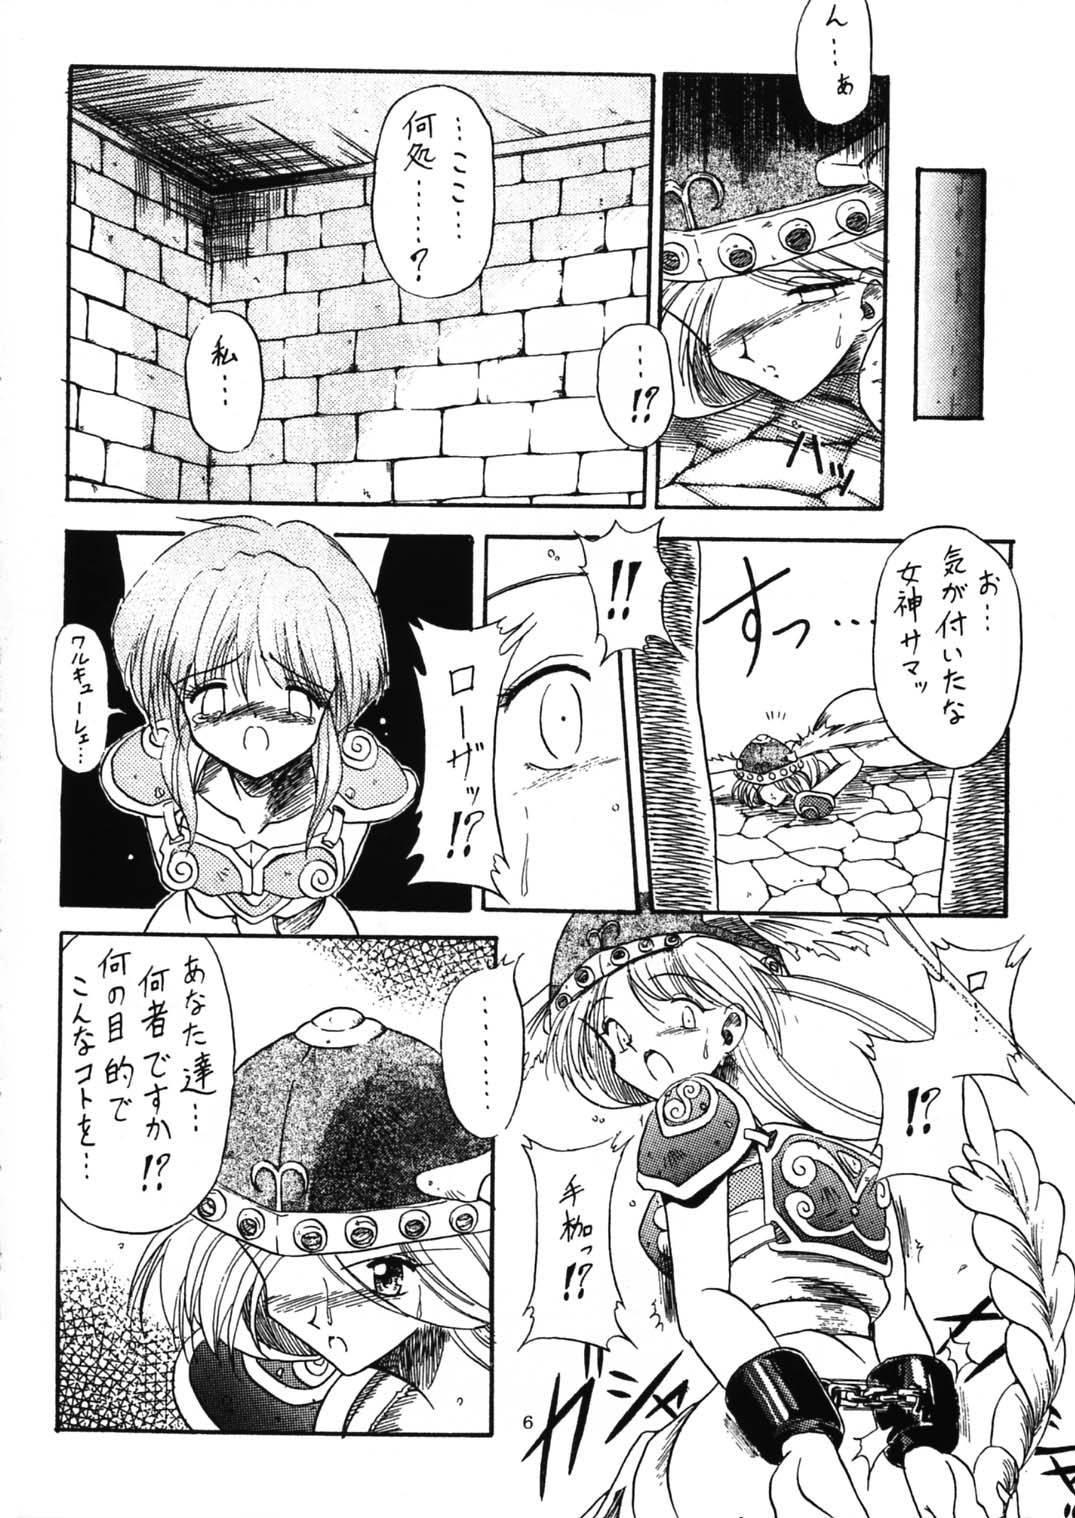 Ikusa Otome Kourinsai 5